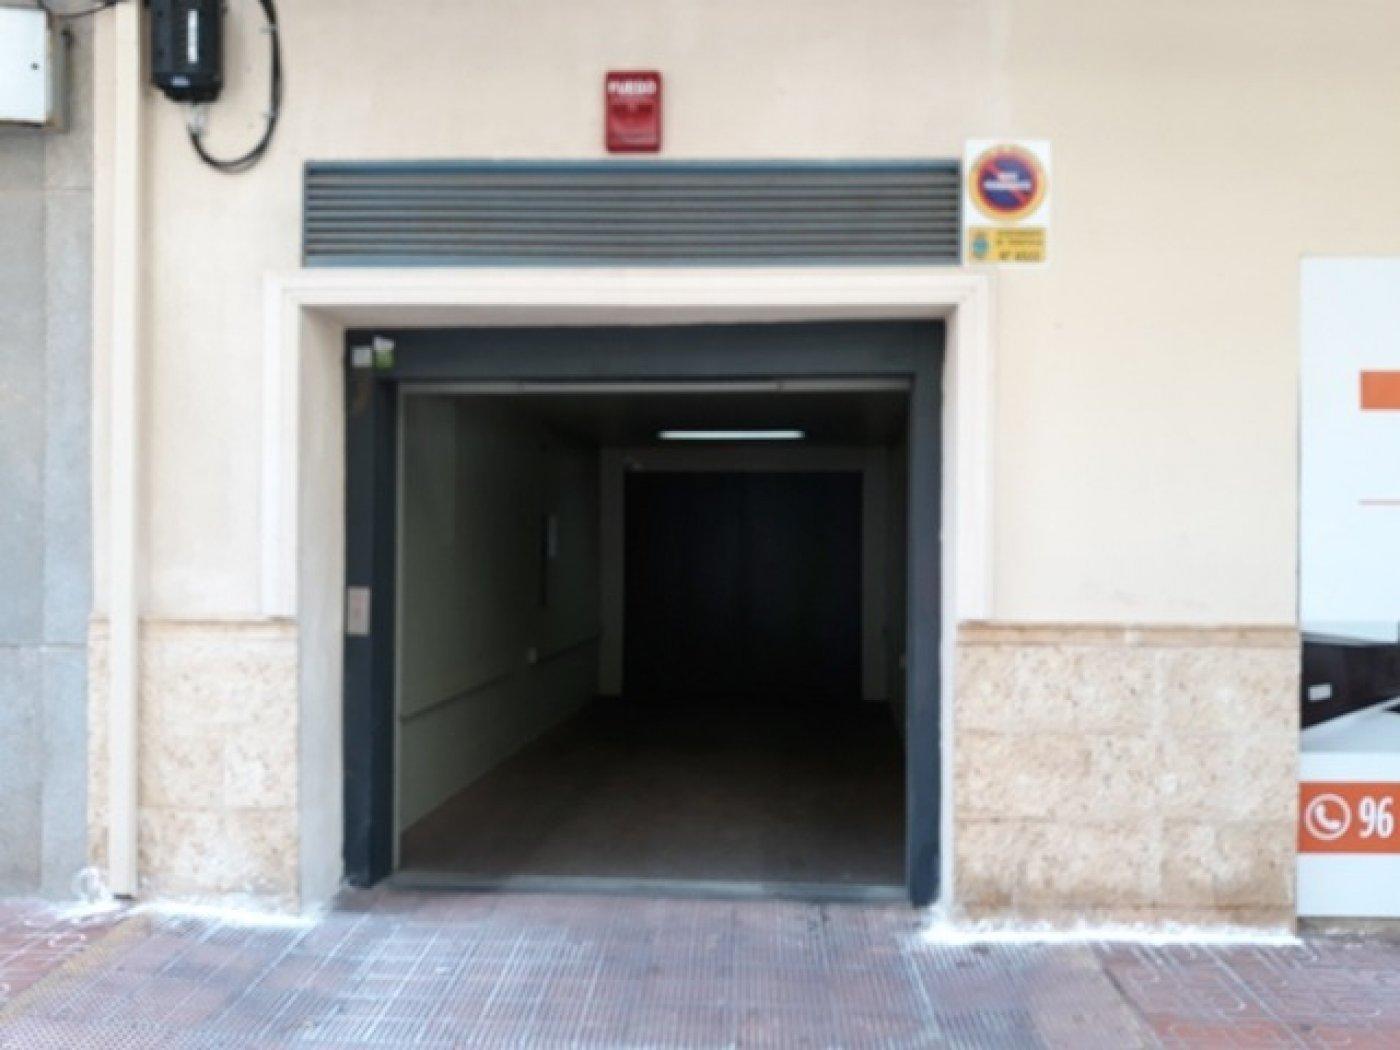 Aparcament cotxe  Torrevieja ,parque las naciones. Plaza de garaje y trastero